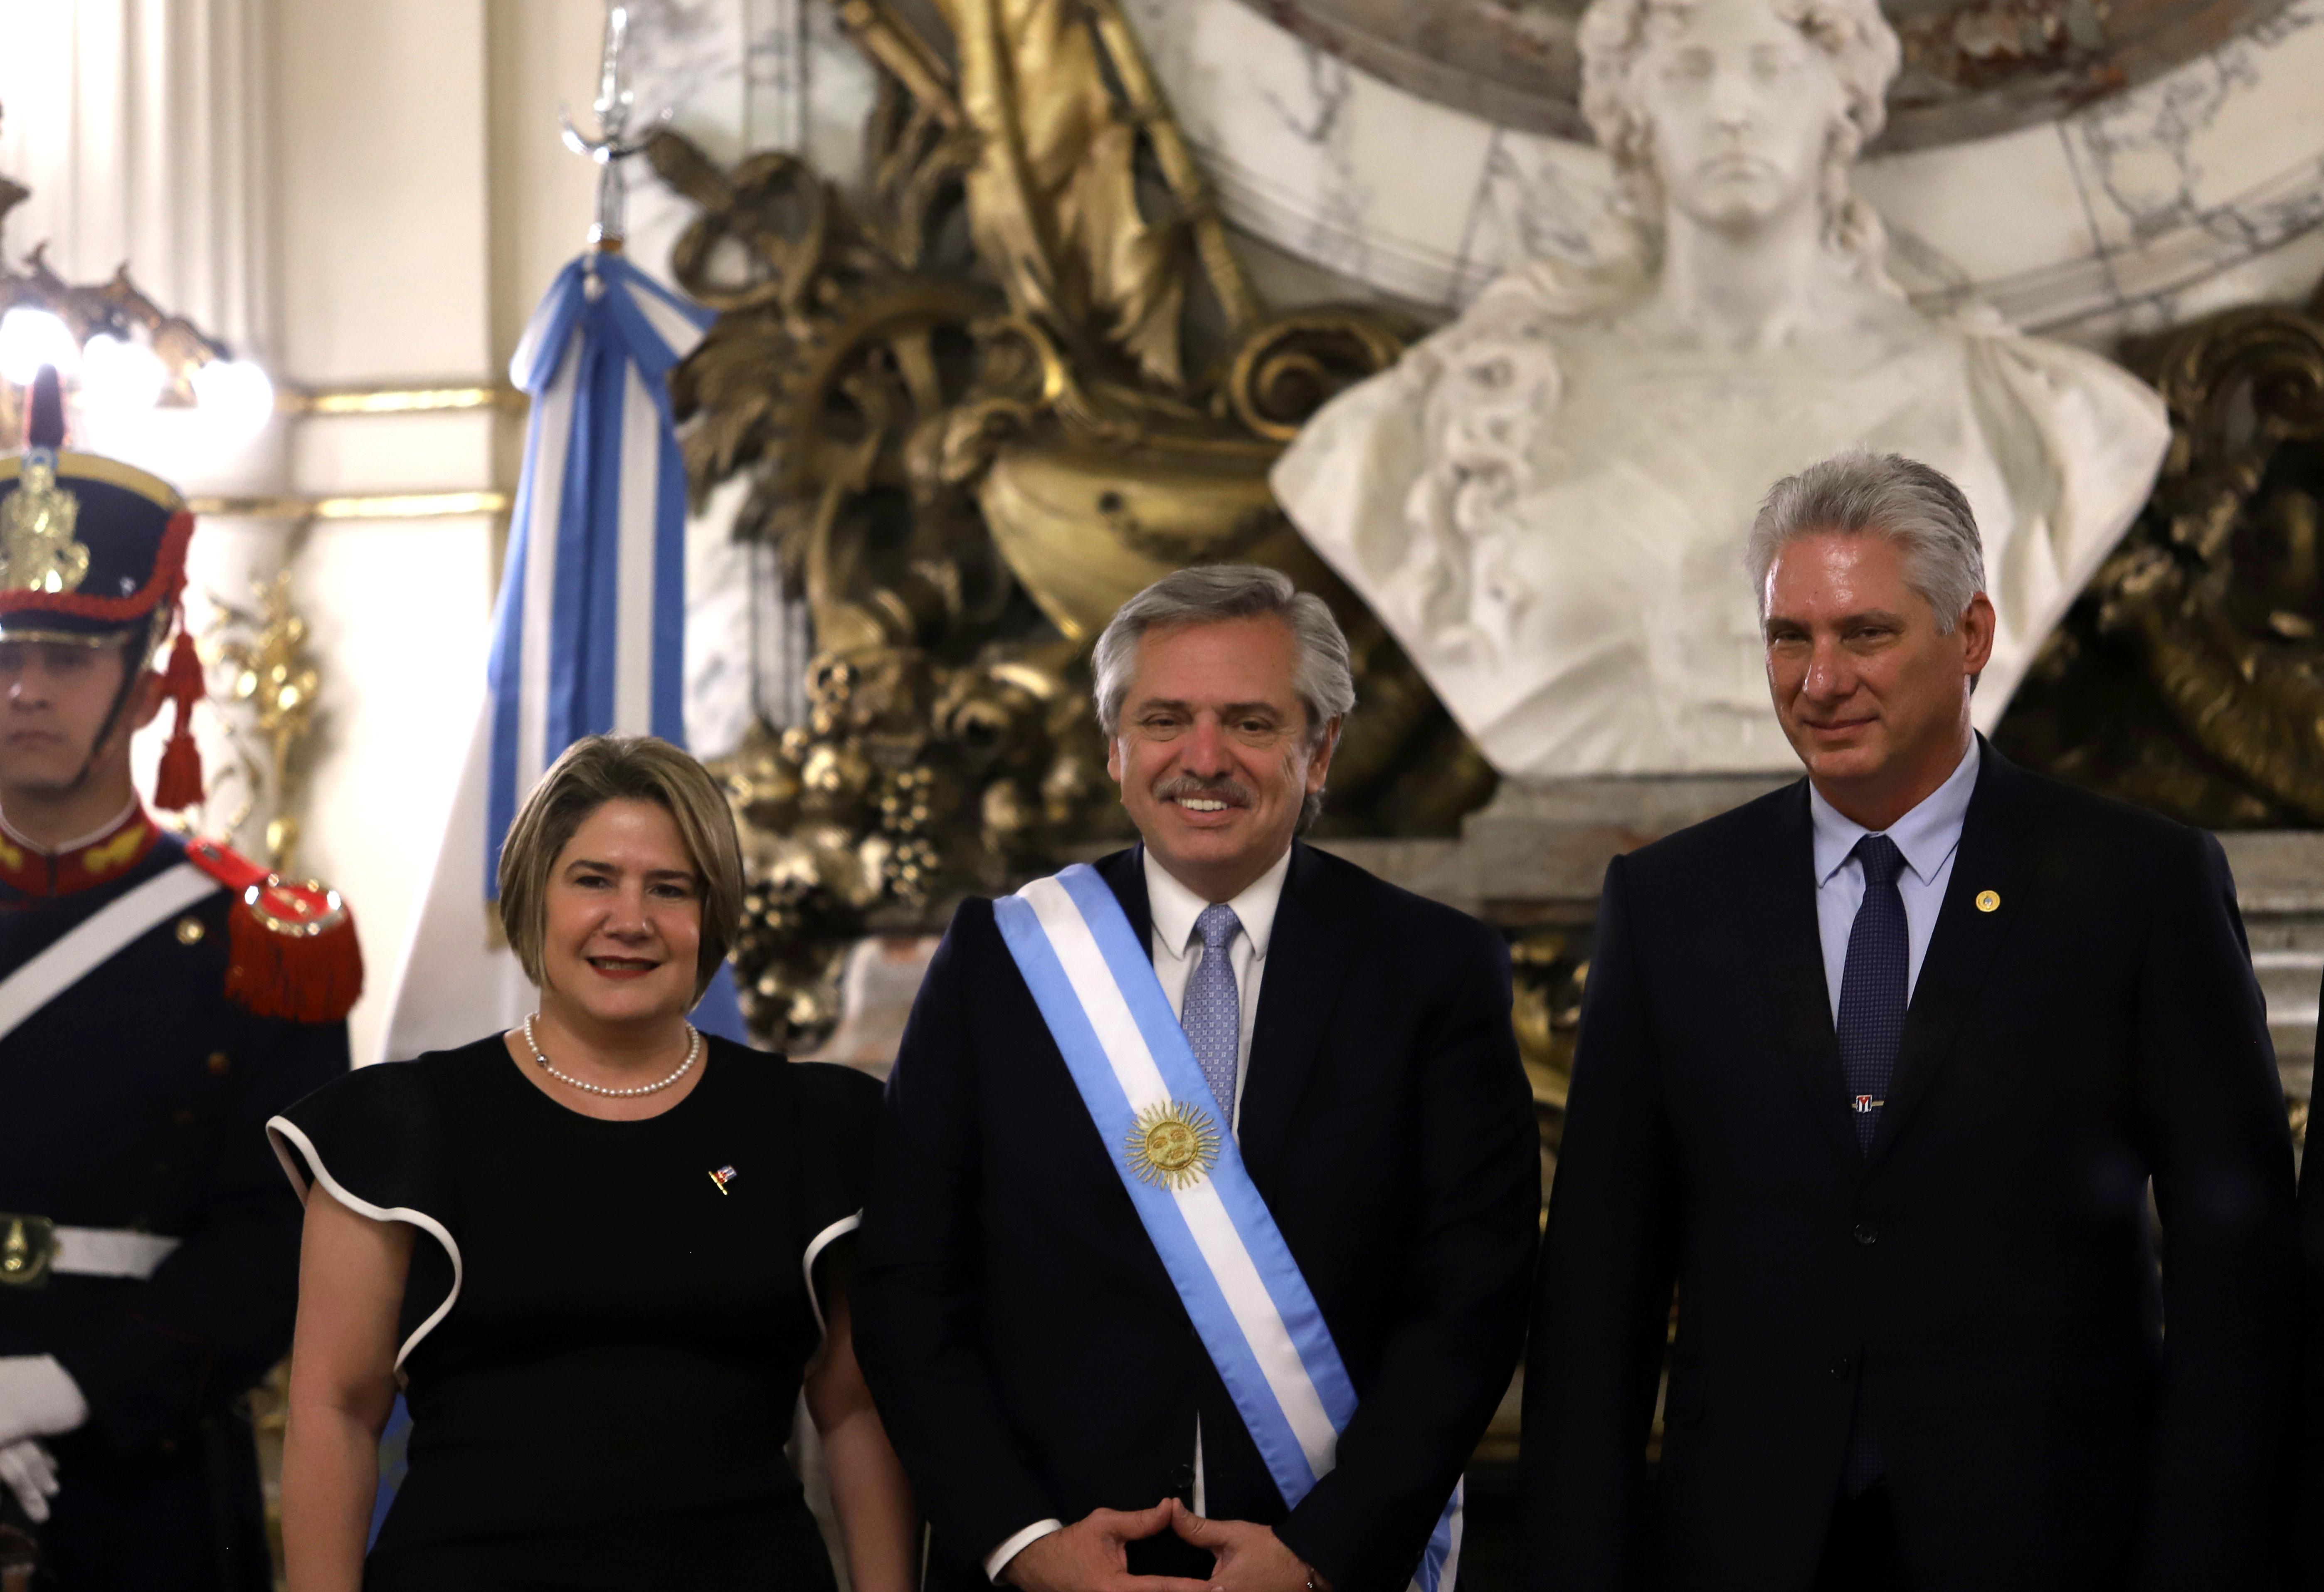 El presidente Alberto Fernández posa para una fotografía junto al mandatario cubano Miguel Diaz-Canel y su esposa (Reuter)